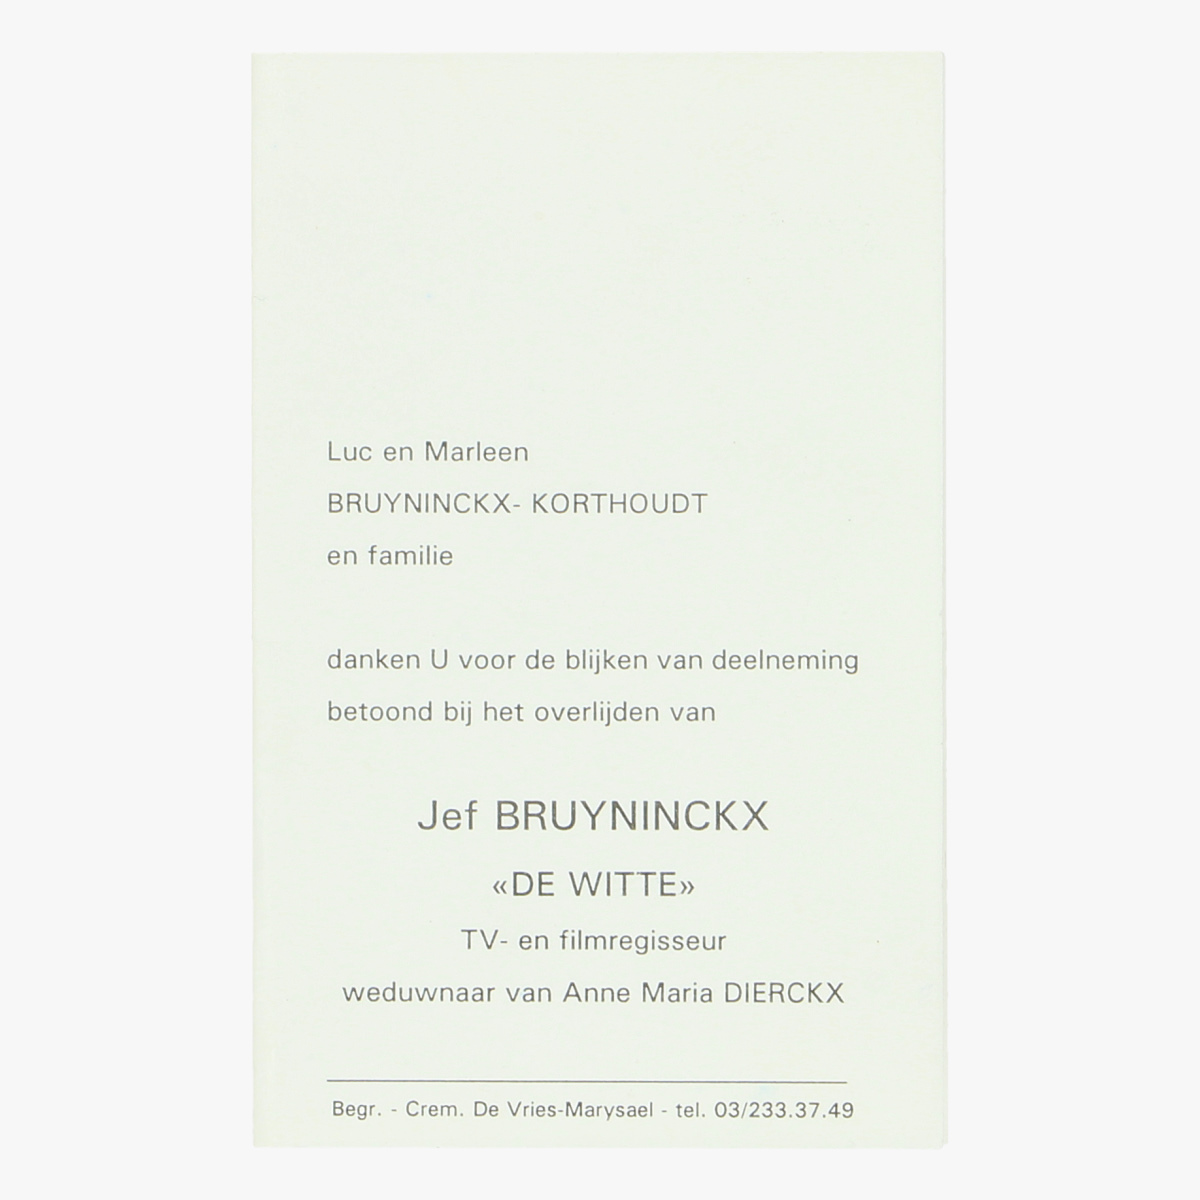 Afbeeldingen van bidkaartje  Jef Bruyninckx (de witte)